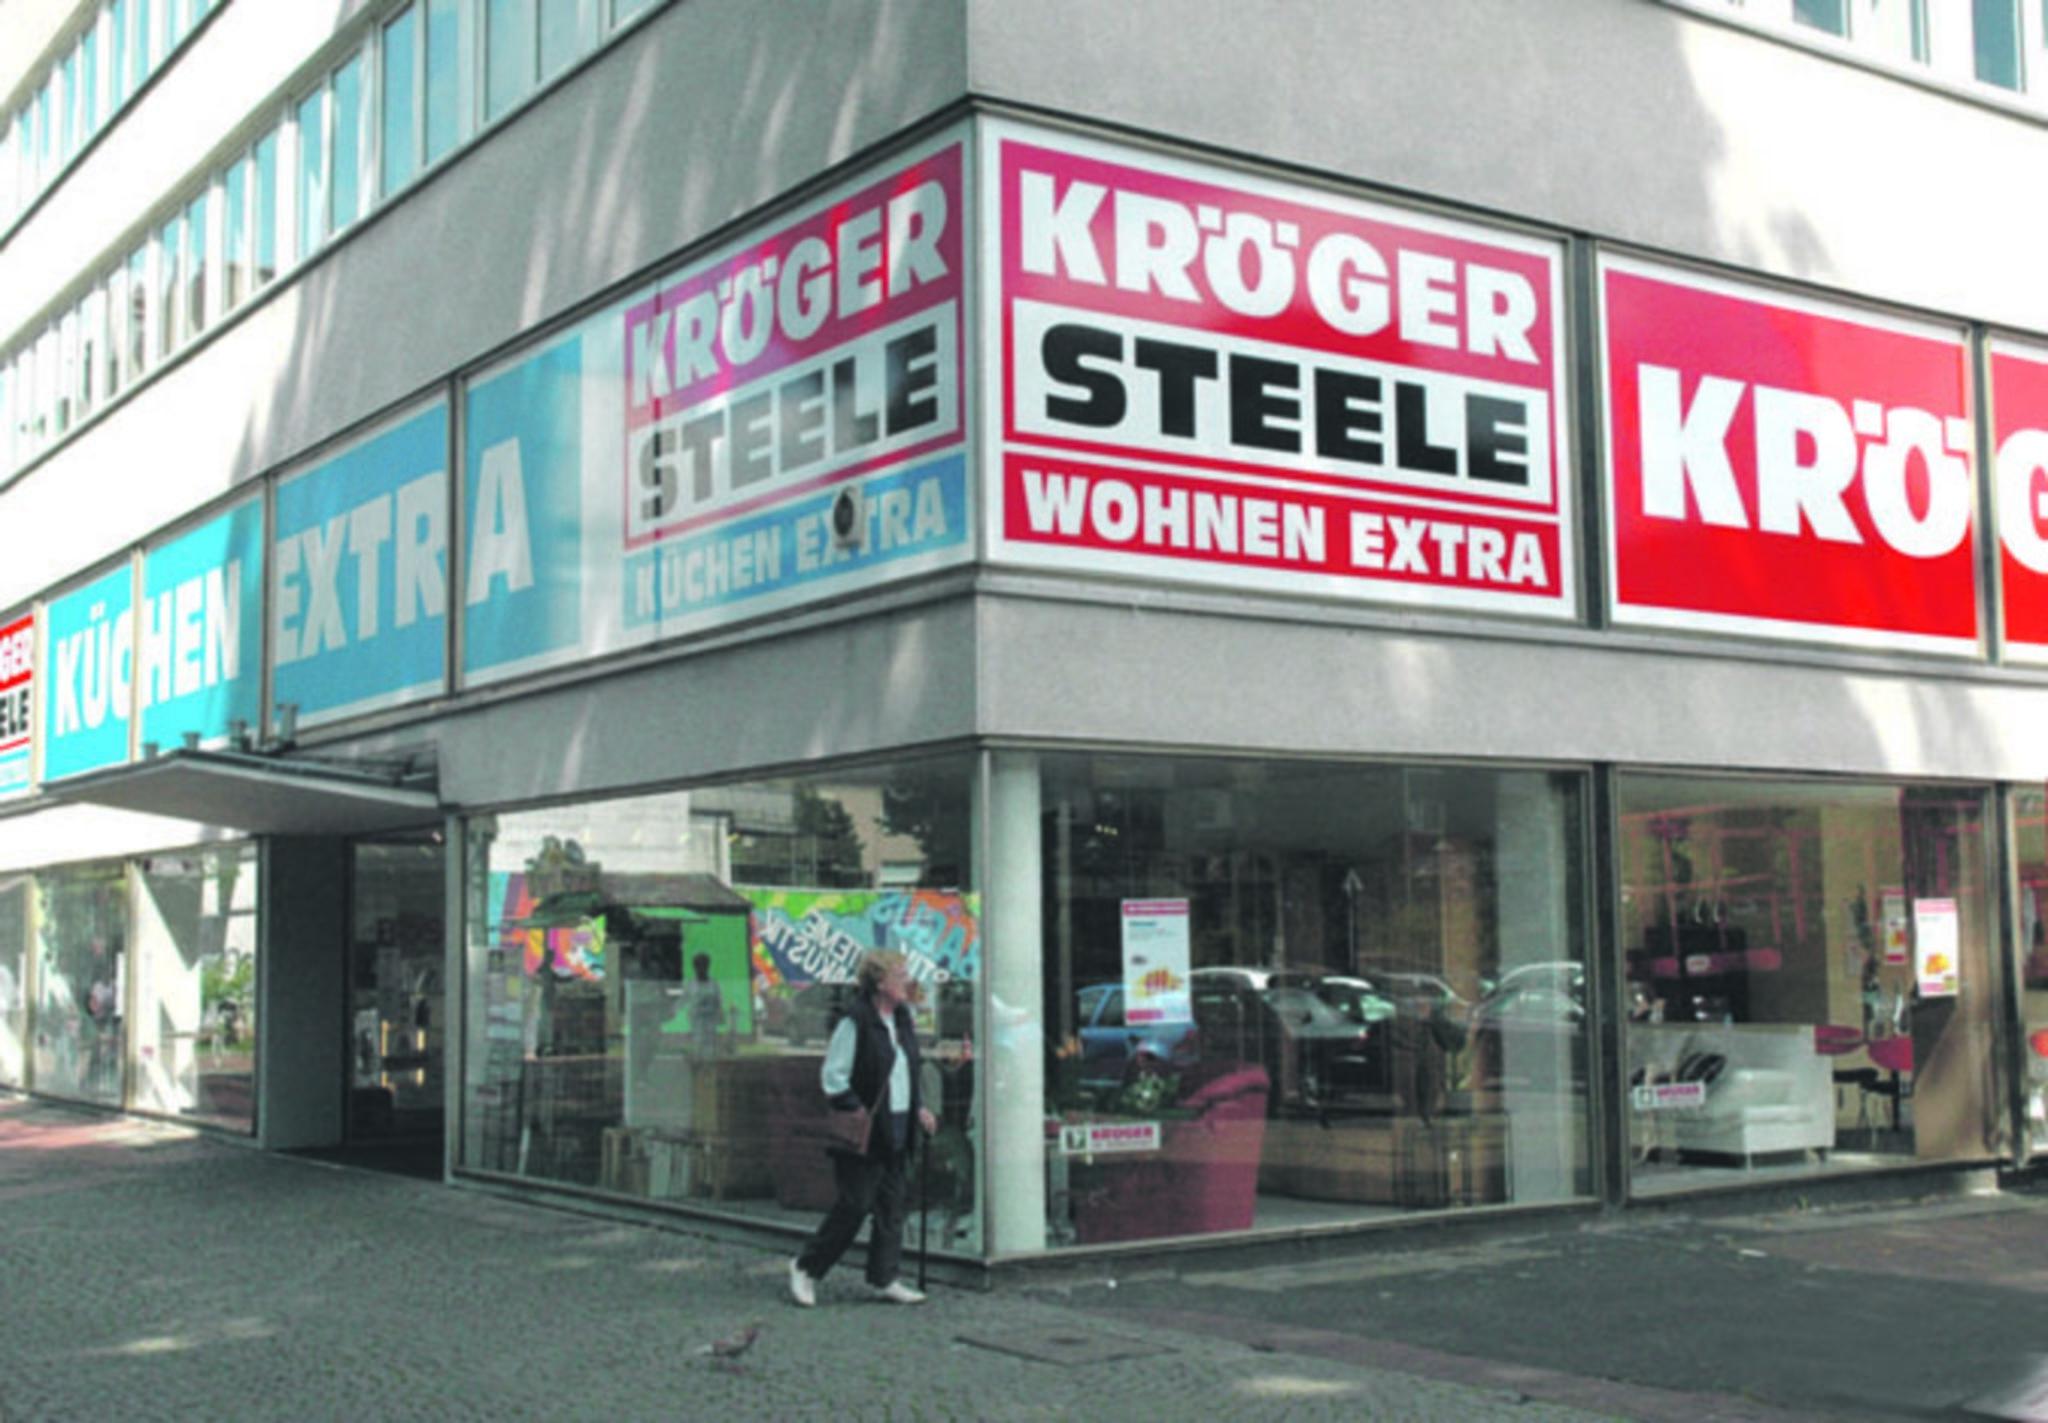 Kröger Essen öffnungszeiten : steele kr ger macht am 30 juni dicht essen steele ~ Watch28wear.com Haus und Dekorationen